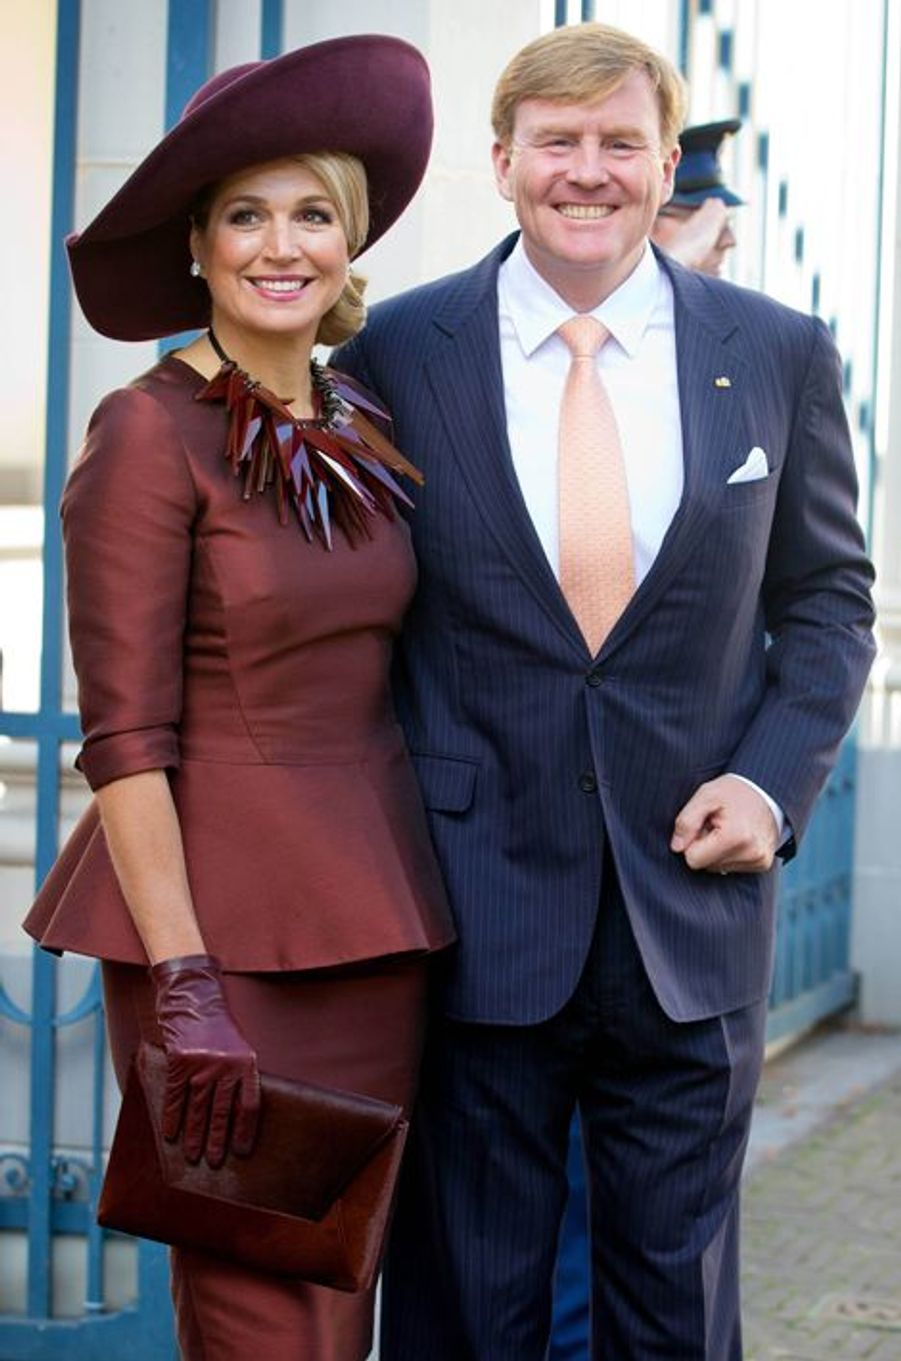 Le roi Willem-Alexander des Pays-Bas et la reine Maxima, le 15 octobre 2014